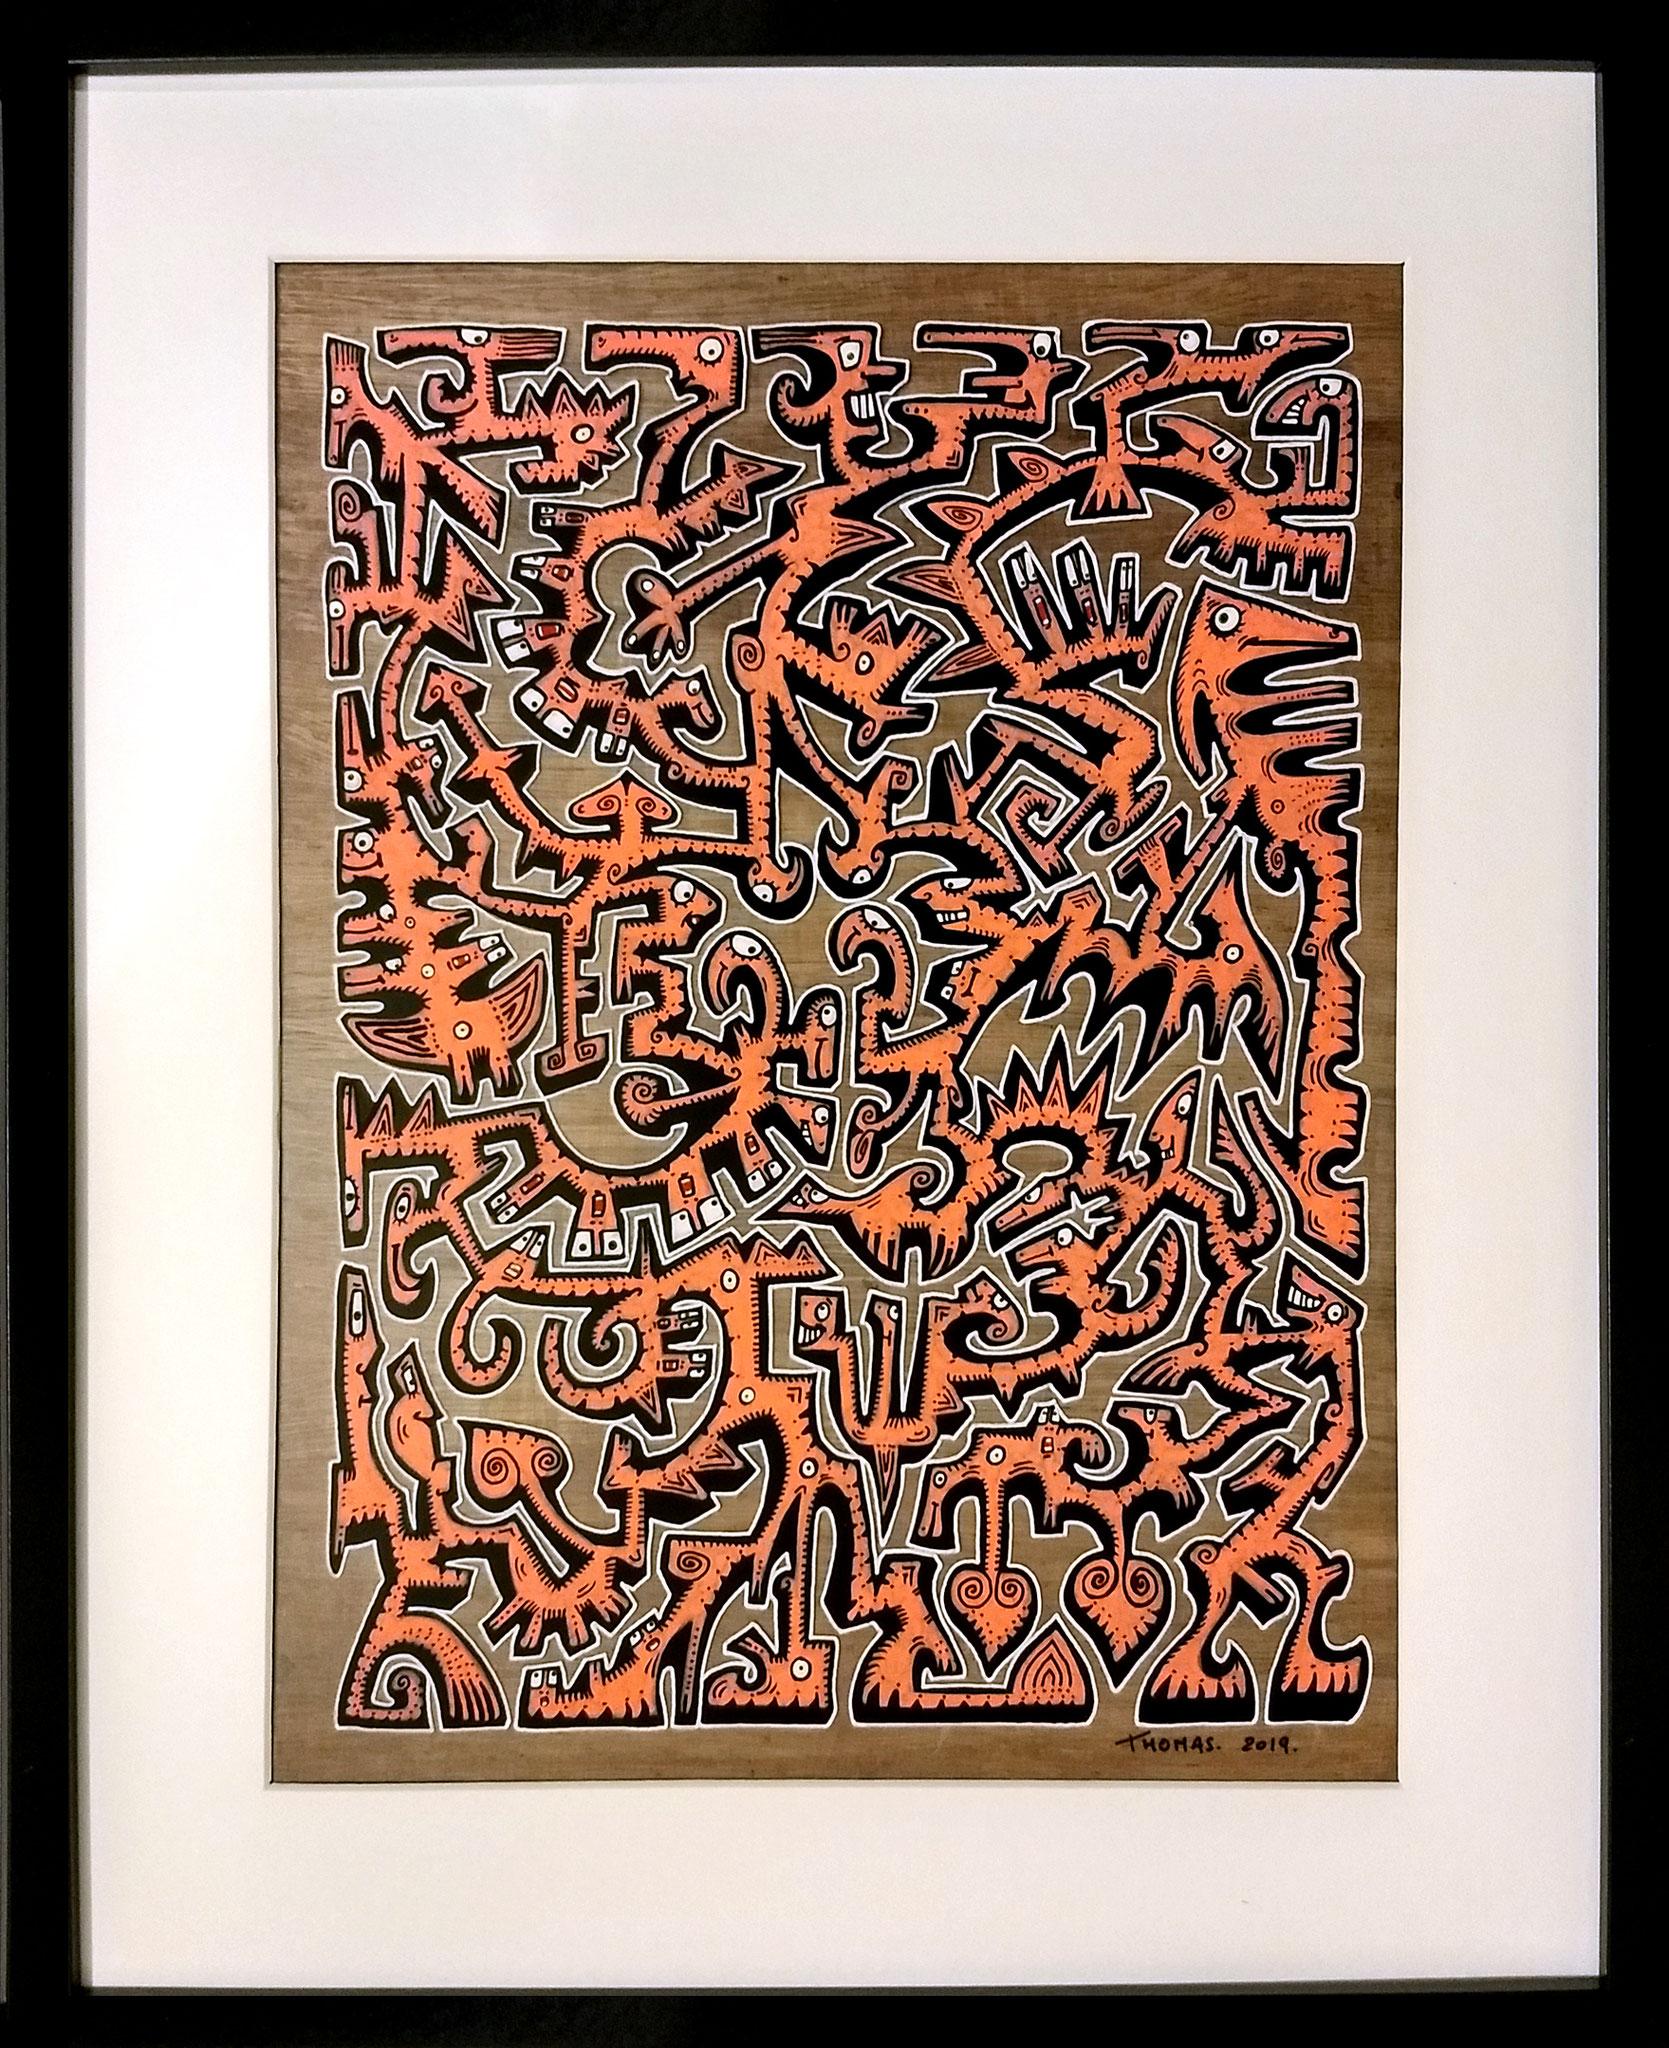 Titre : MT2/ feutres acrylique sur pvc transparent/ fond papyrus antique/format avec cadre : 52.5/42 cm/ prix : 90 euros